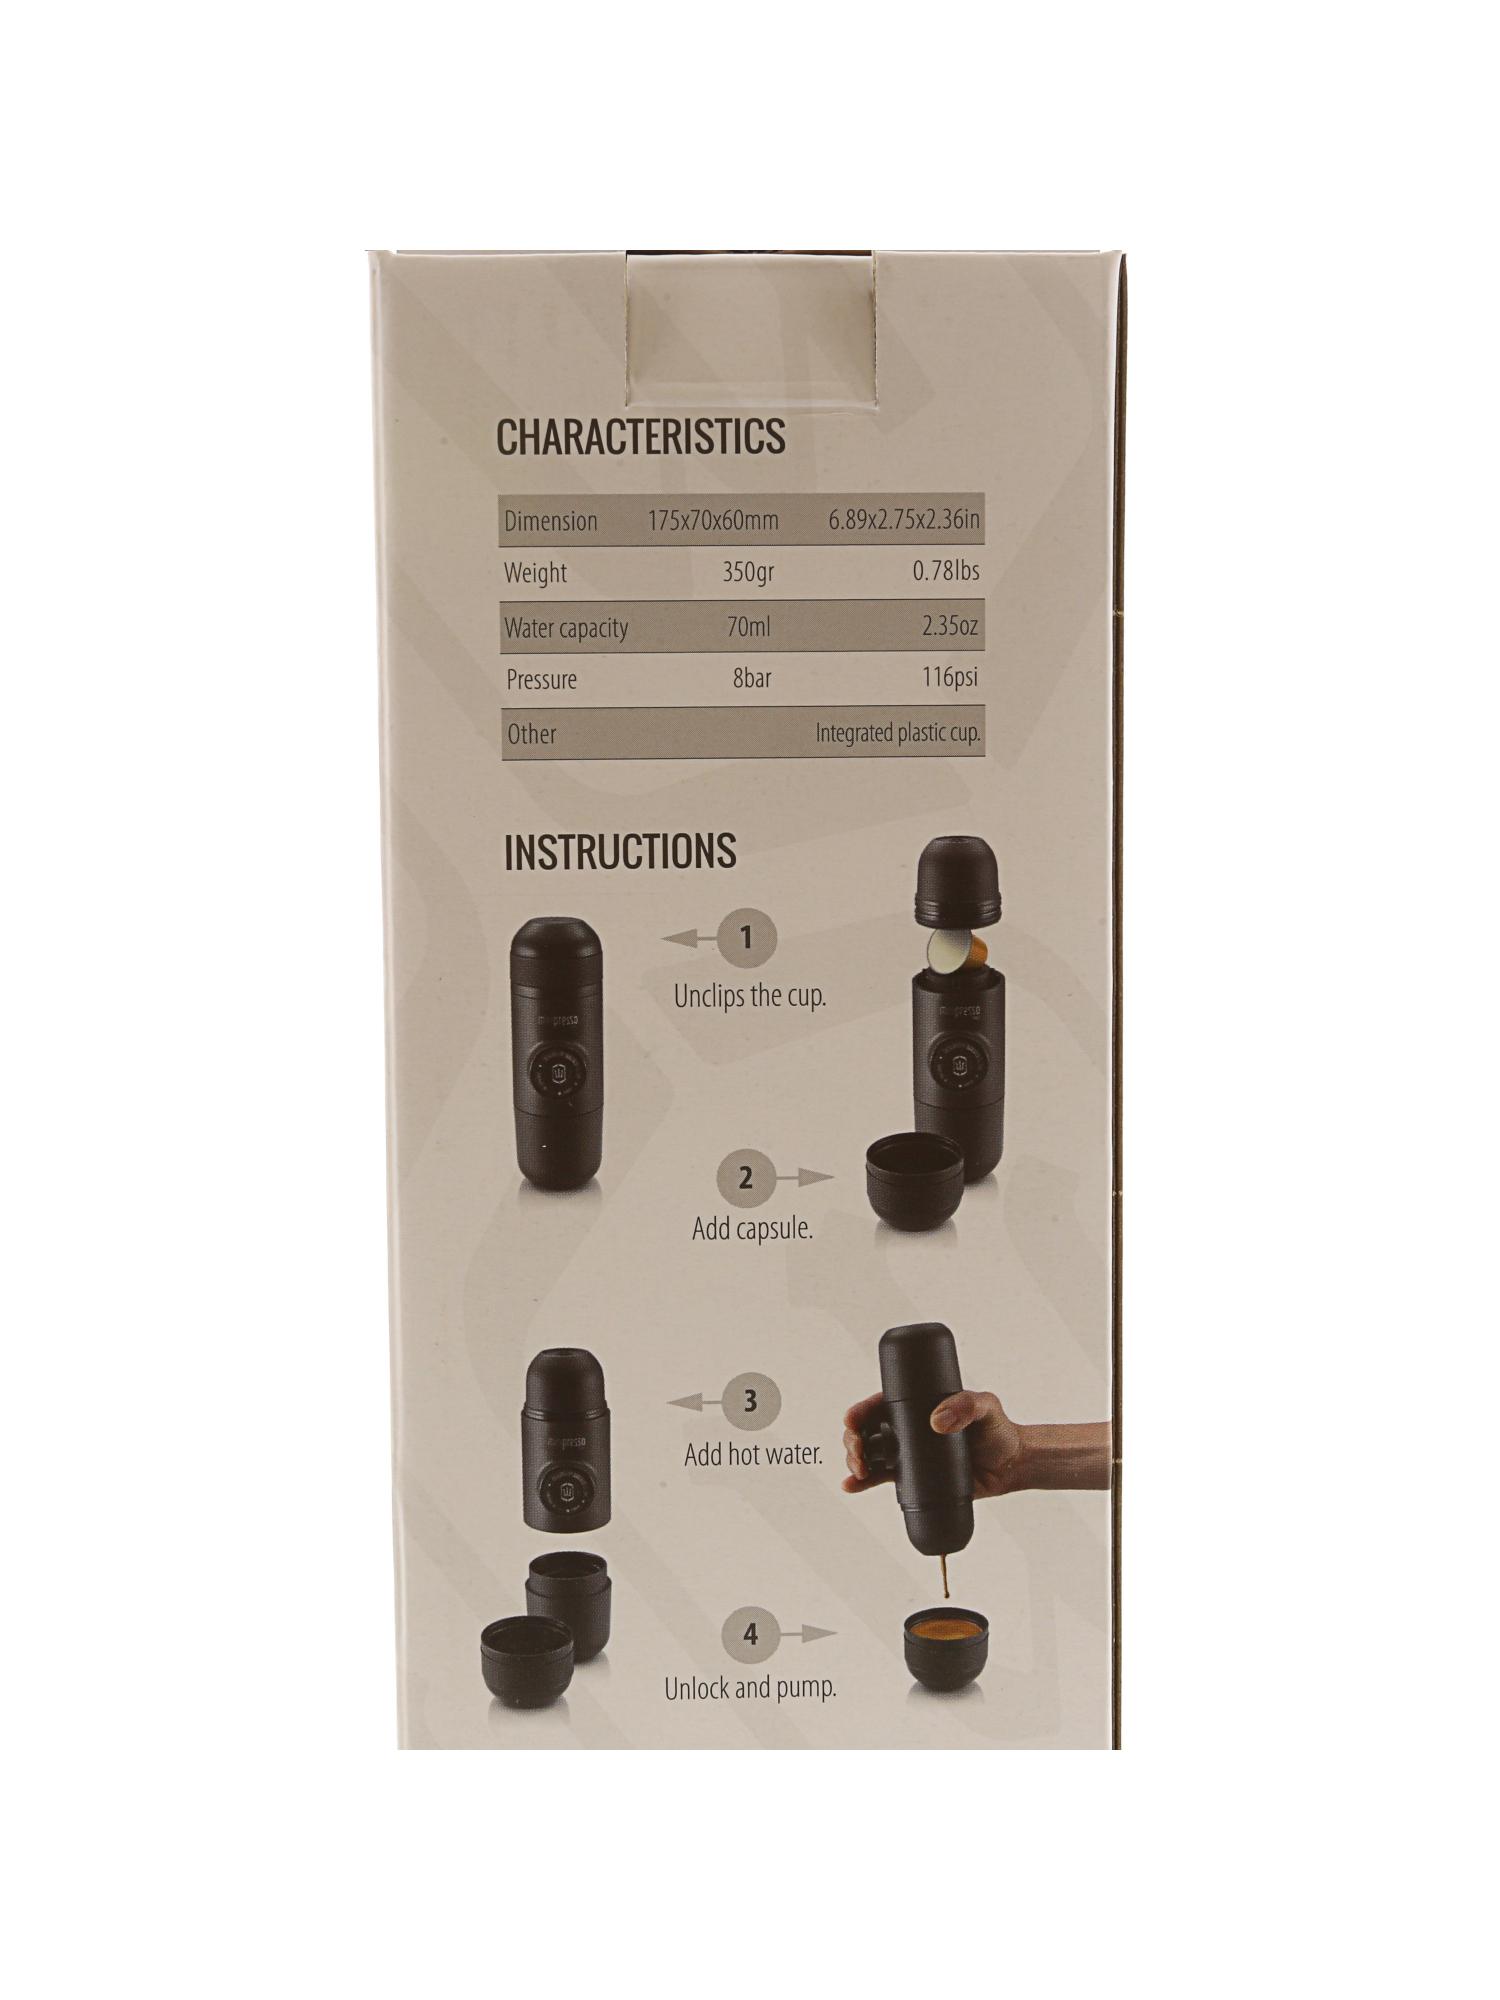 Wacaco Minipresso Ns Portable Espresso Maker Ebay